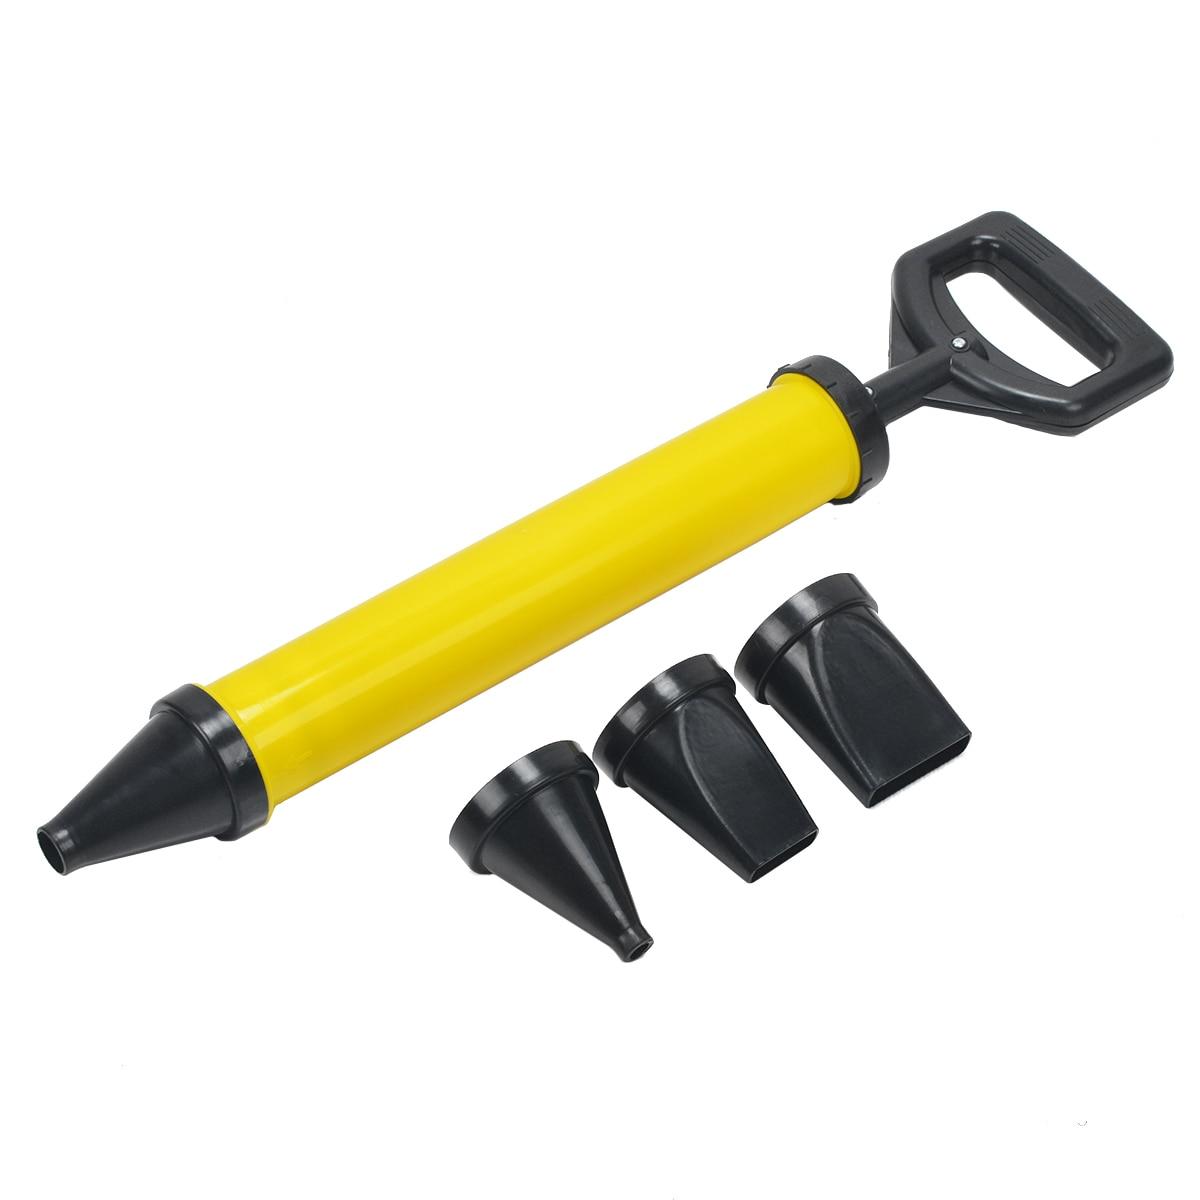 Mayitr 1 pc In Acciaio Inox Pistola per silicone di Puntamento di Mattoni Stuccatura Malta Spruzzatore Applicatore Strumento per Cemento calce 4 Ugello